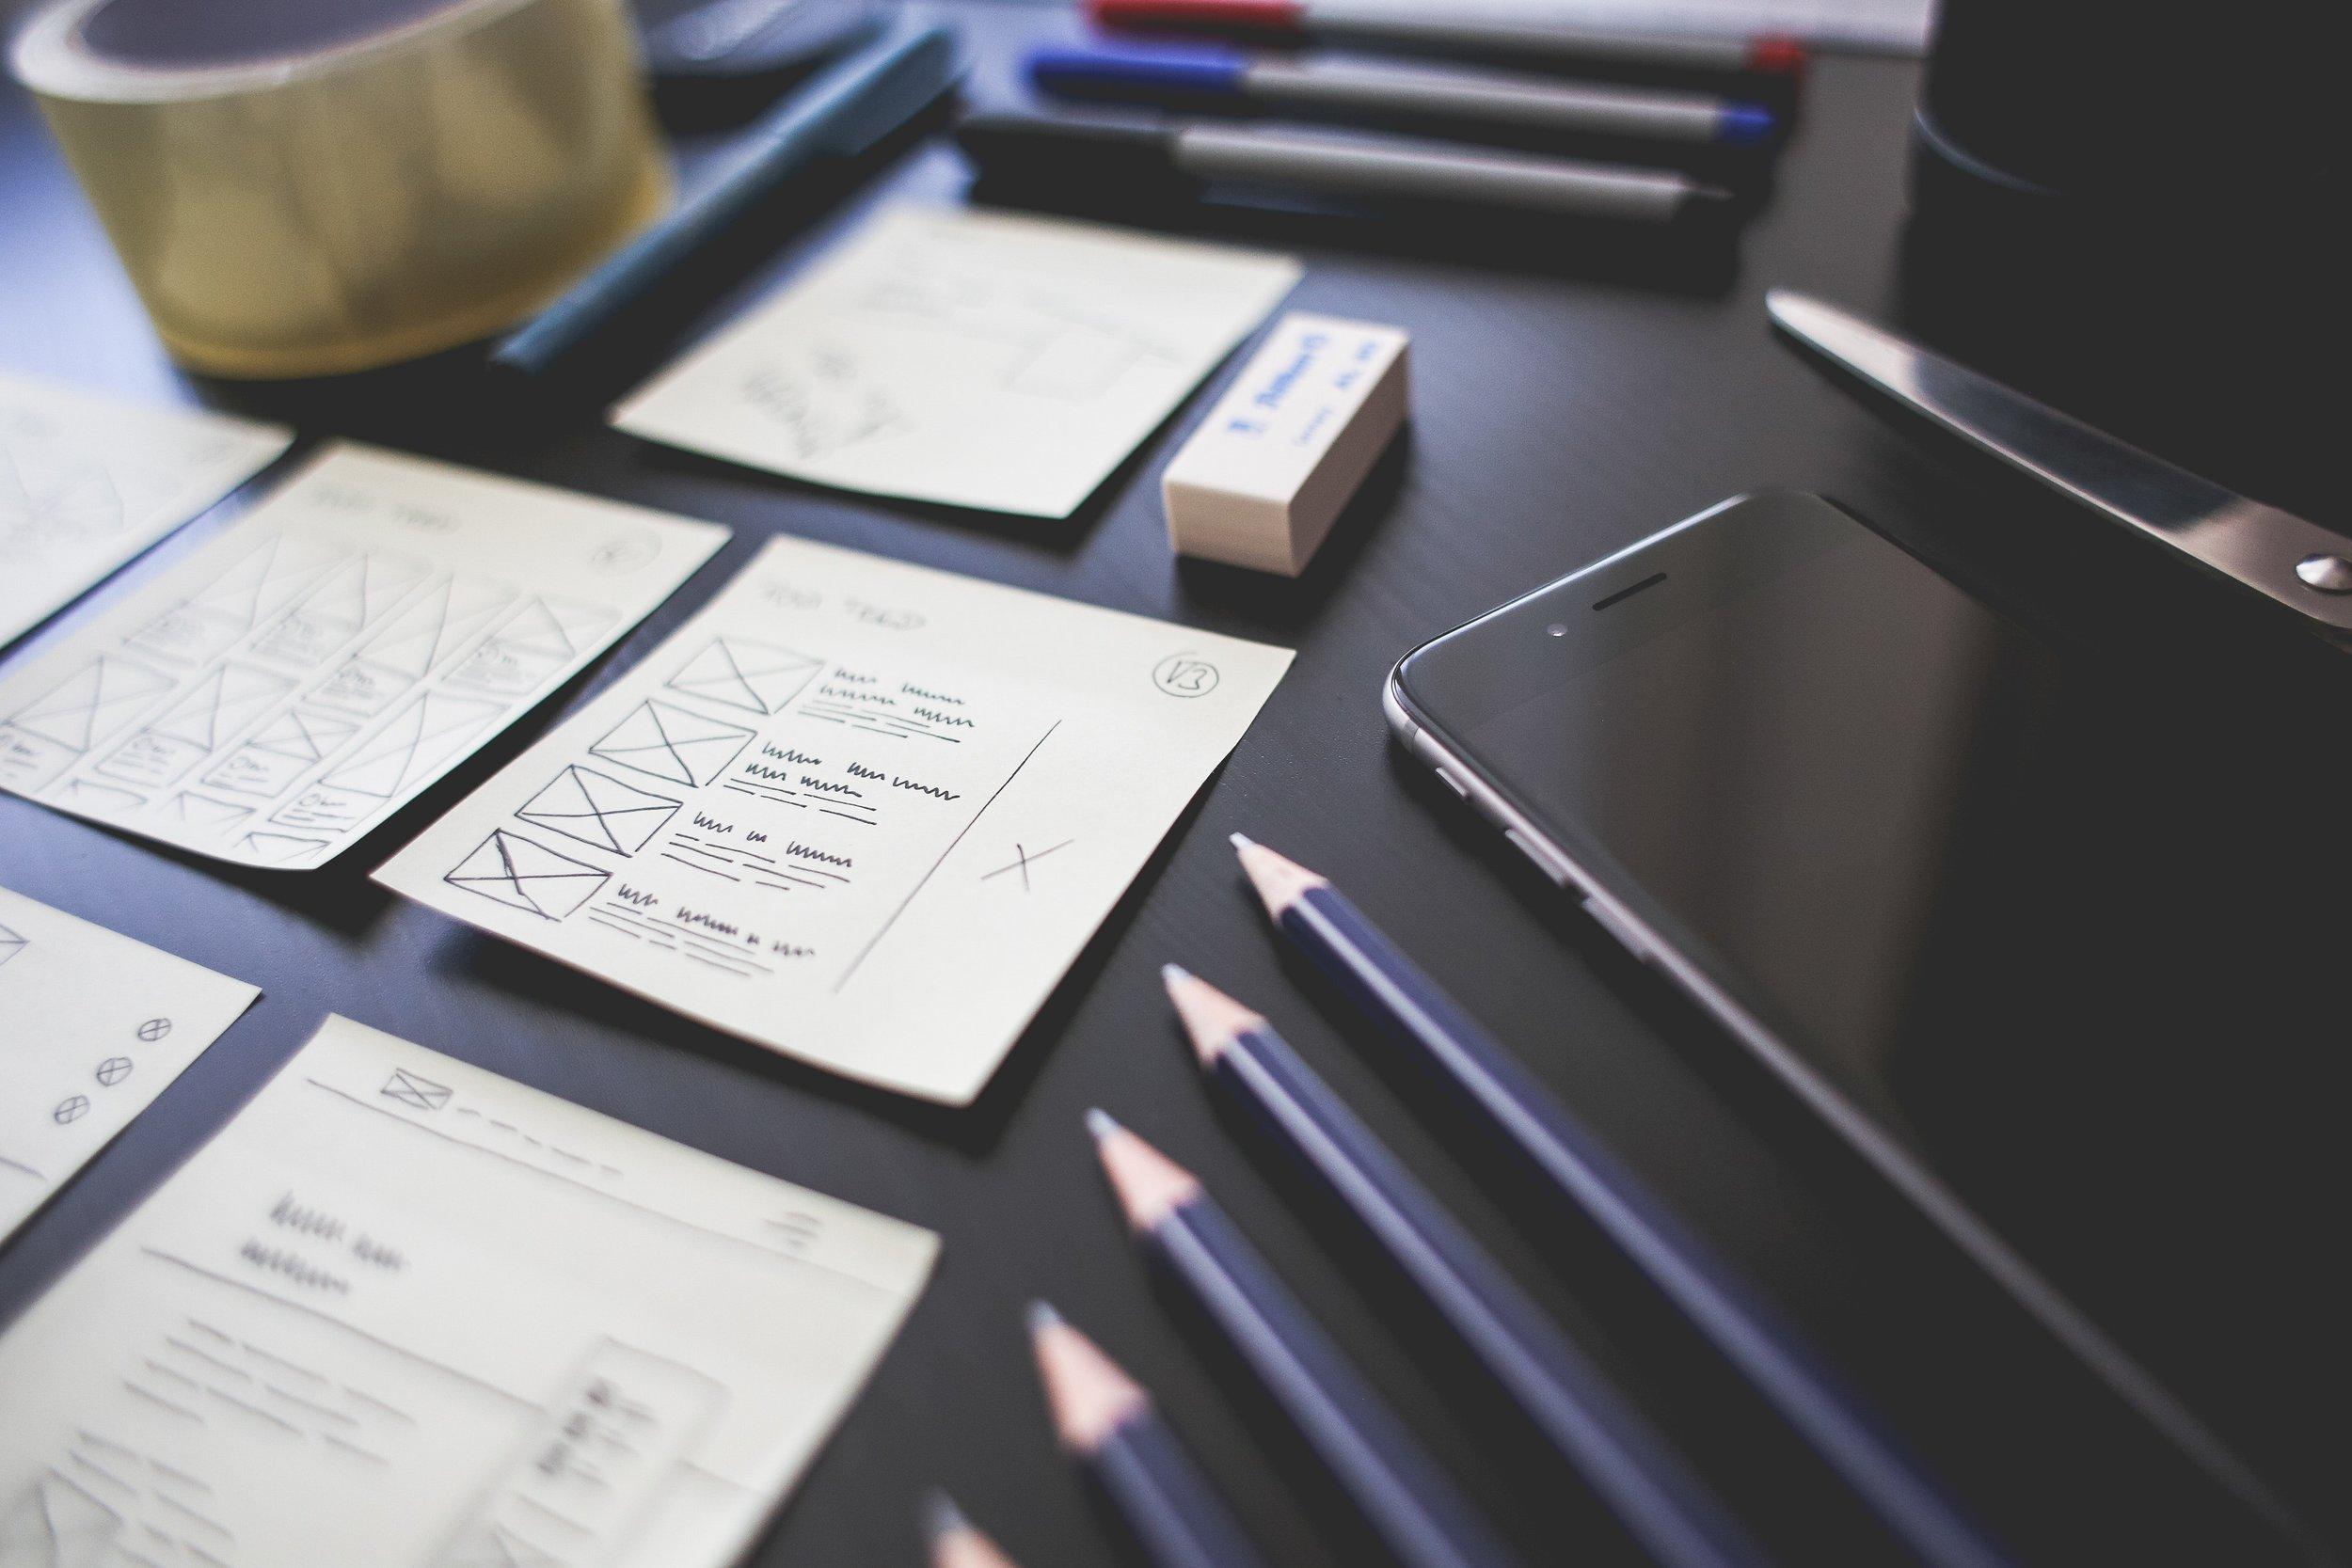 USER CENTERED DESIGN - Ausgehend von Ihrer Zielgruppe können wir schneller Mehrwerte liefern und sicherstellen, dass wie Ihre Lösung entwickelt wird den Bedürfnissen Ihrer Kunden entspricht. Unser Designprozess stellt den Menschen in den Mittelpunkt, zur Sicherstellung des Projekterfolges, Verkürzung der Entwicklungszeit und das erhöhen des Zielgruppen Engagement und der Aufgabenbewältigung. Wir verhelfen Ihrem Entwicklungsvorhaben zum sicheren Erfolg! Lösungsdefinition• Anforderungen / Konzept / Prototyping / Evaluierung / Design / MehtodenRealisierung• Agile Development / Projektmanagement / Qualitätssicherung